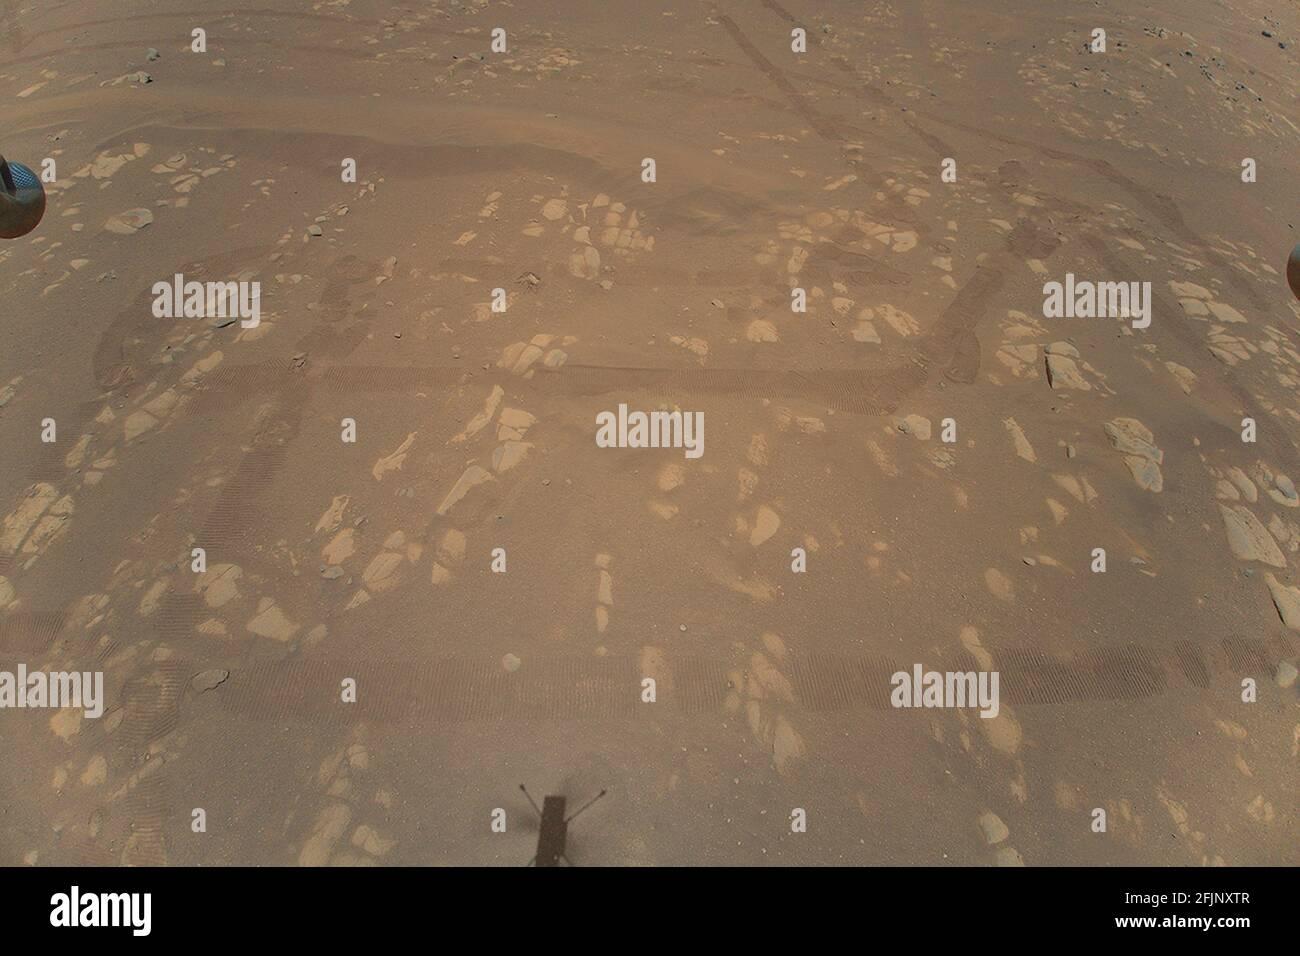 Washington, Stati Uniti. 25 Apr 2021. Ingenuity Mars Helicopter della NASA ha catturato questo colpo mentre ha superato la superficie marziana il 22 aprile 2021, durante il suo secondo volo di prova riuscito. Ha utilizzato la sua telecamera di navigazione, che traccia autonomamente il terreno durante il volo. Crediti NASA/UPI: Notizie dal vivo UPI/Alamy Foto Stock